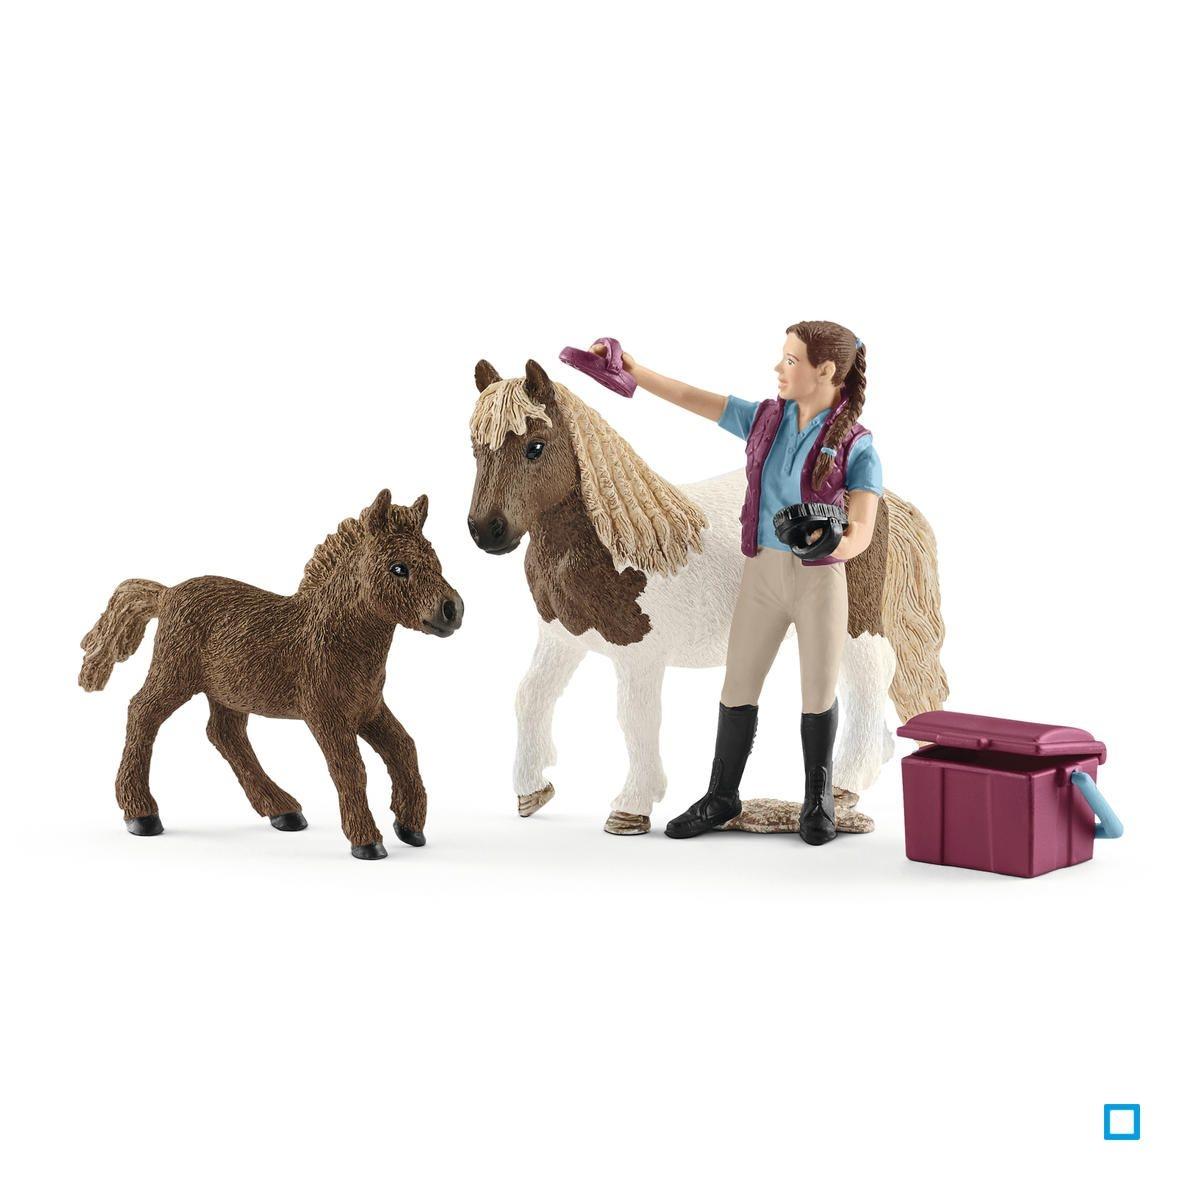 Soigneuse de chevaux avec poneys Shetland - SCL42362